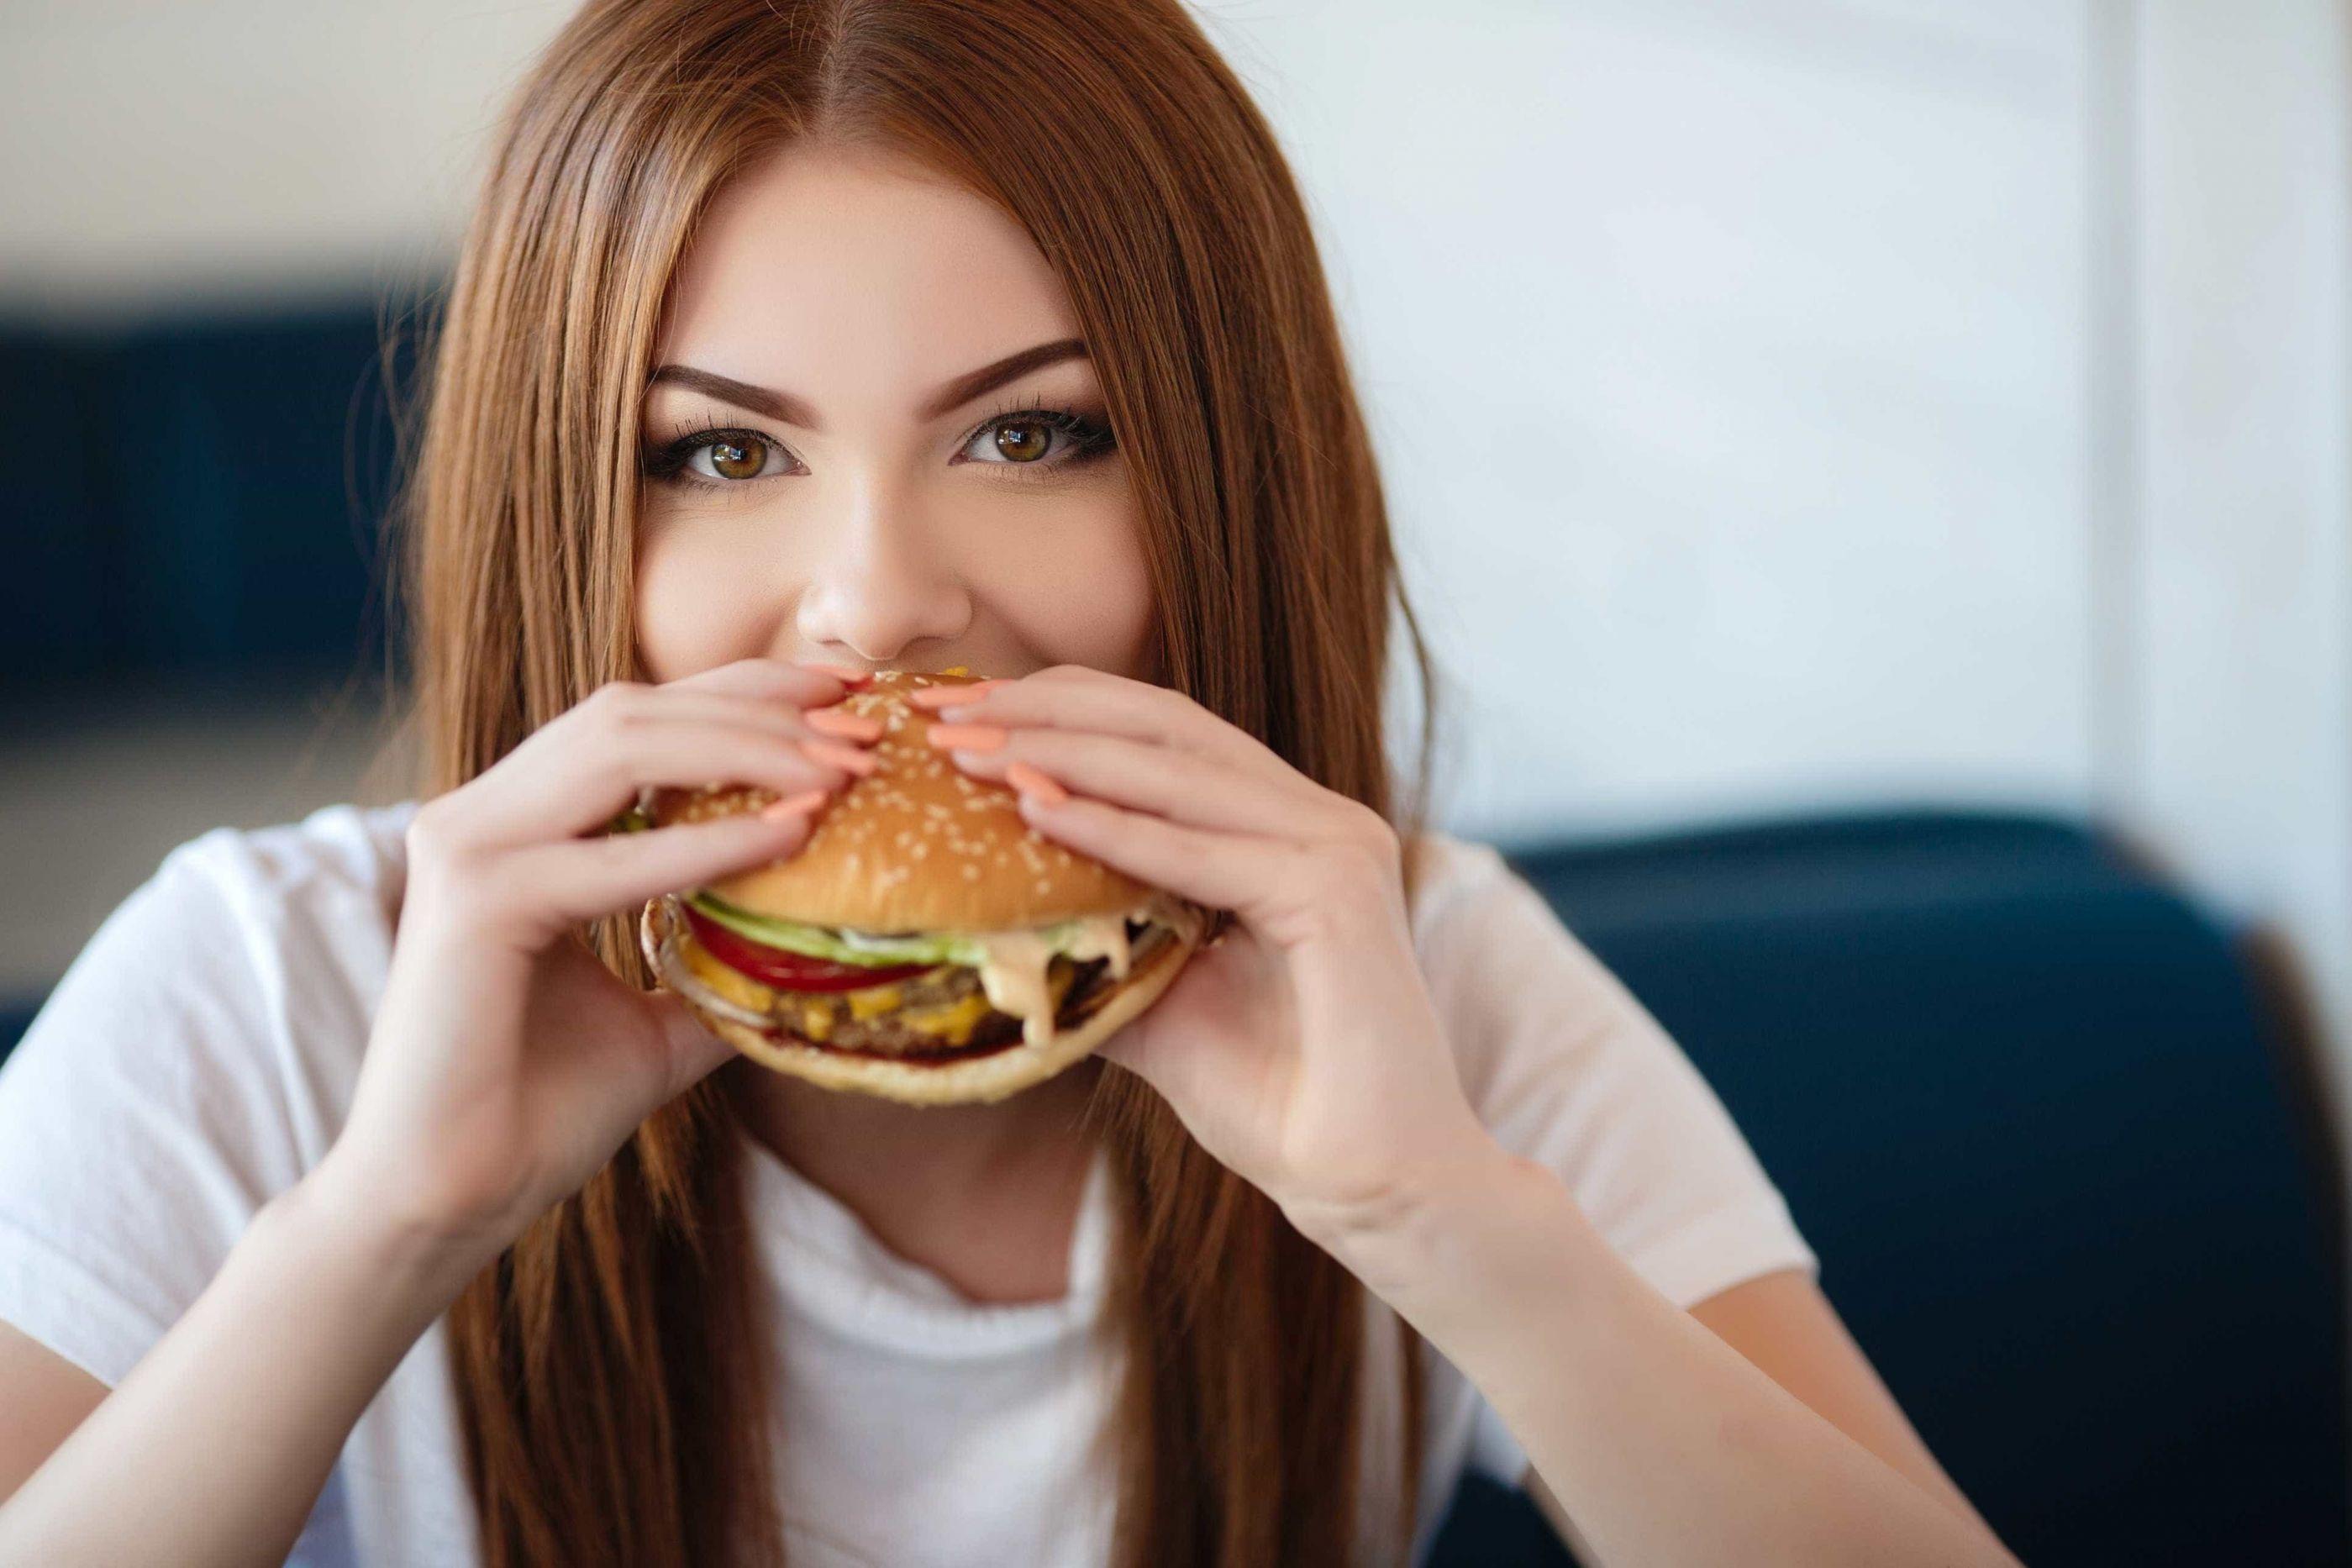 Comer carne processada aumenta risco desta doença respiratória